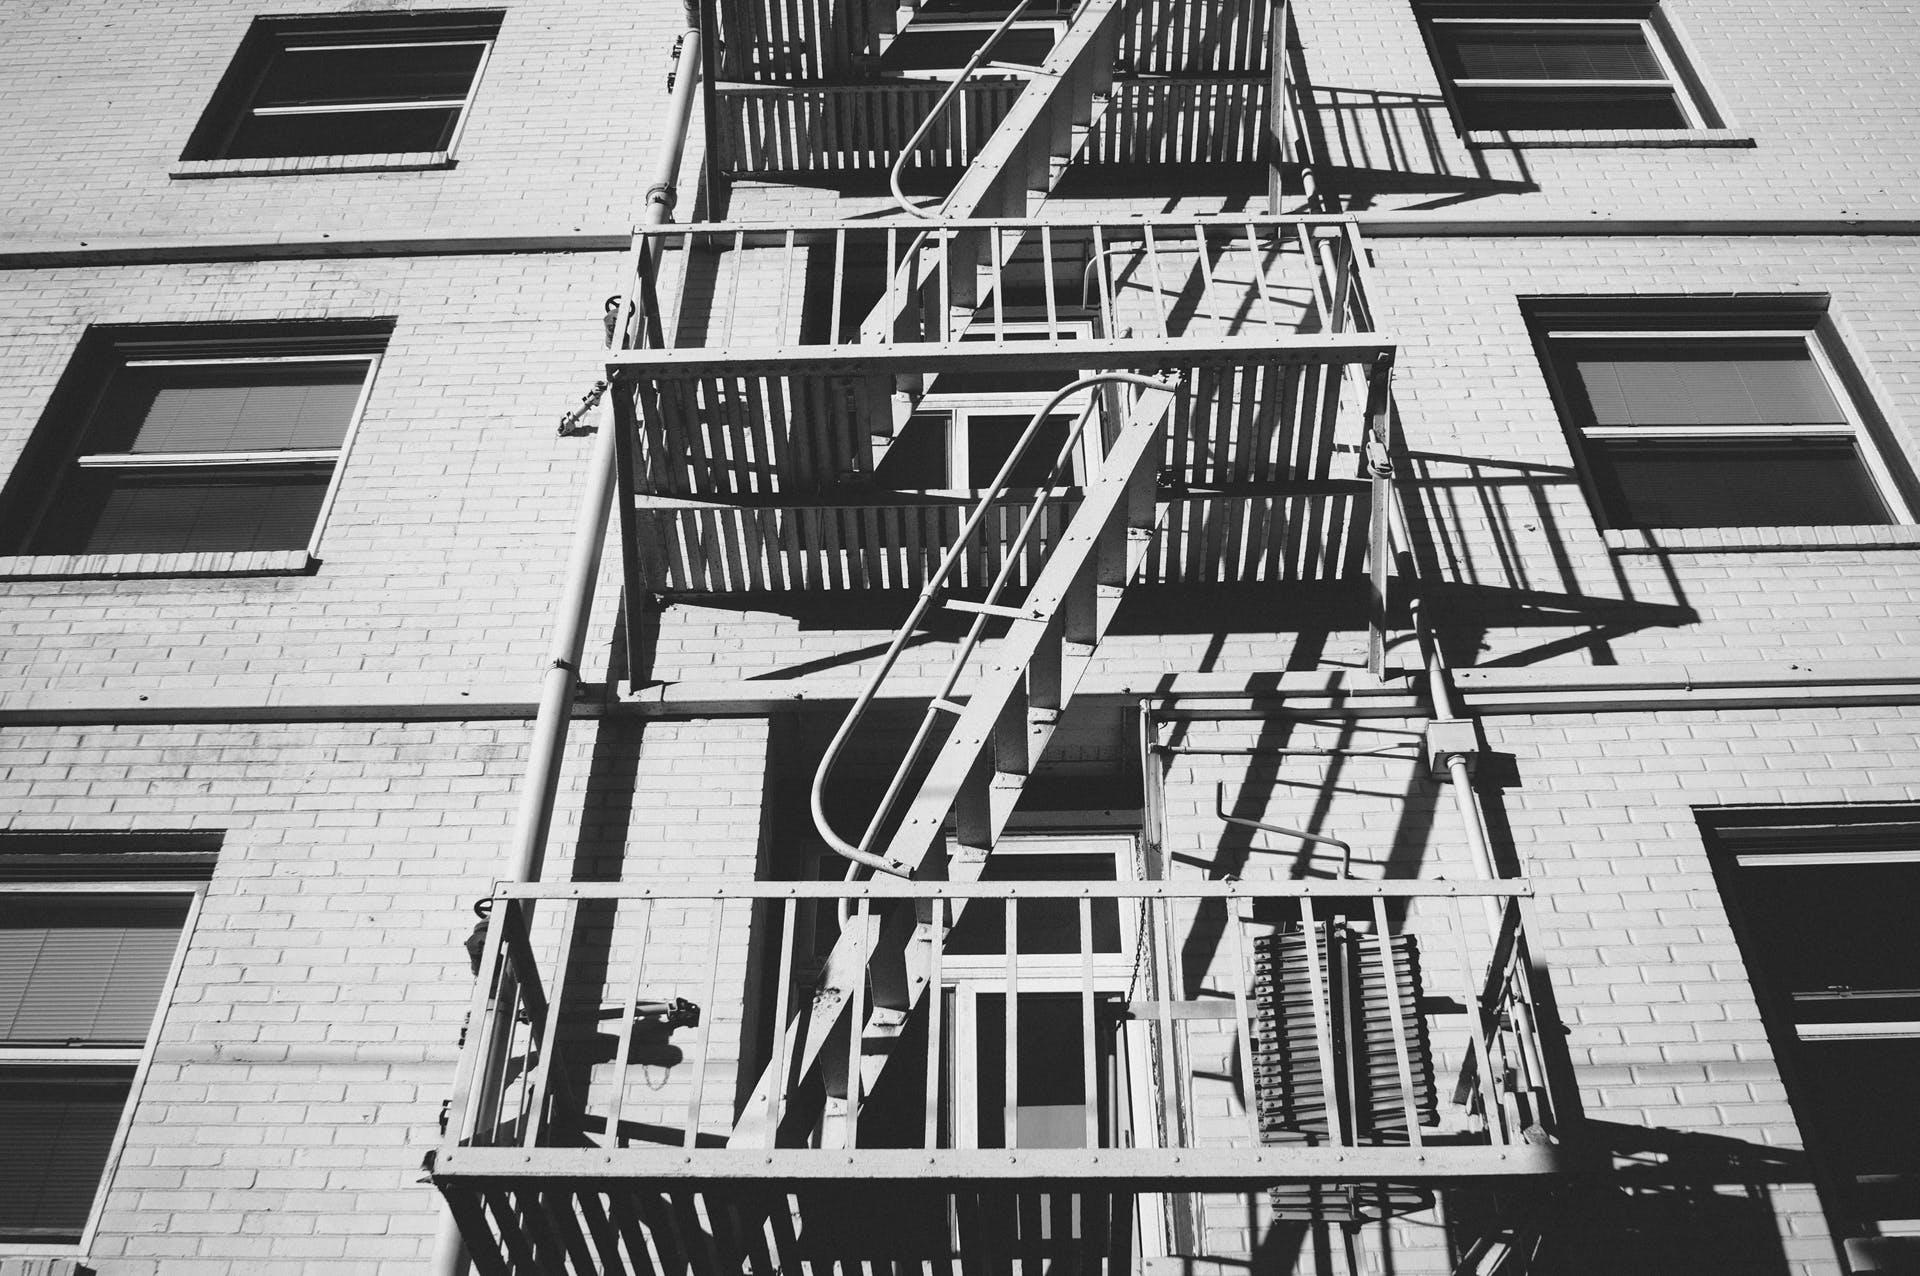 계단, 블랙 앤 화이트, 비상, 비상계단의 무료 스톡 사진